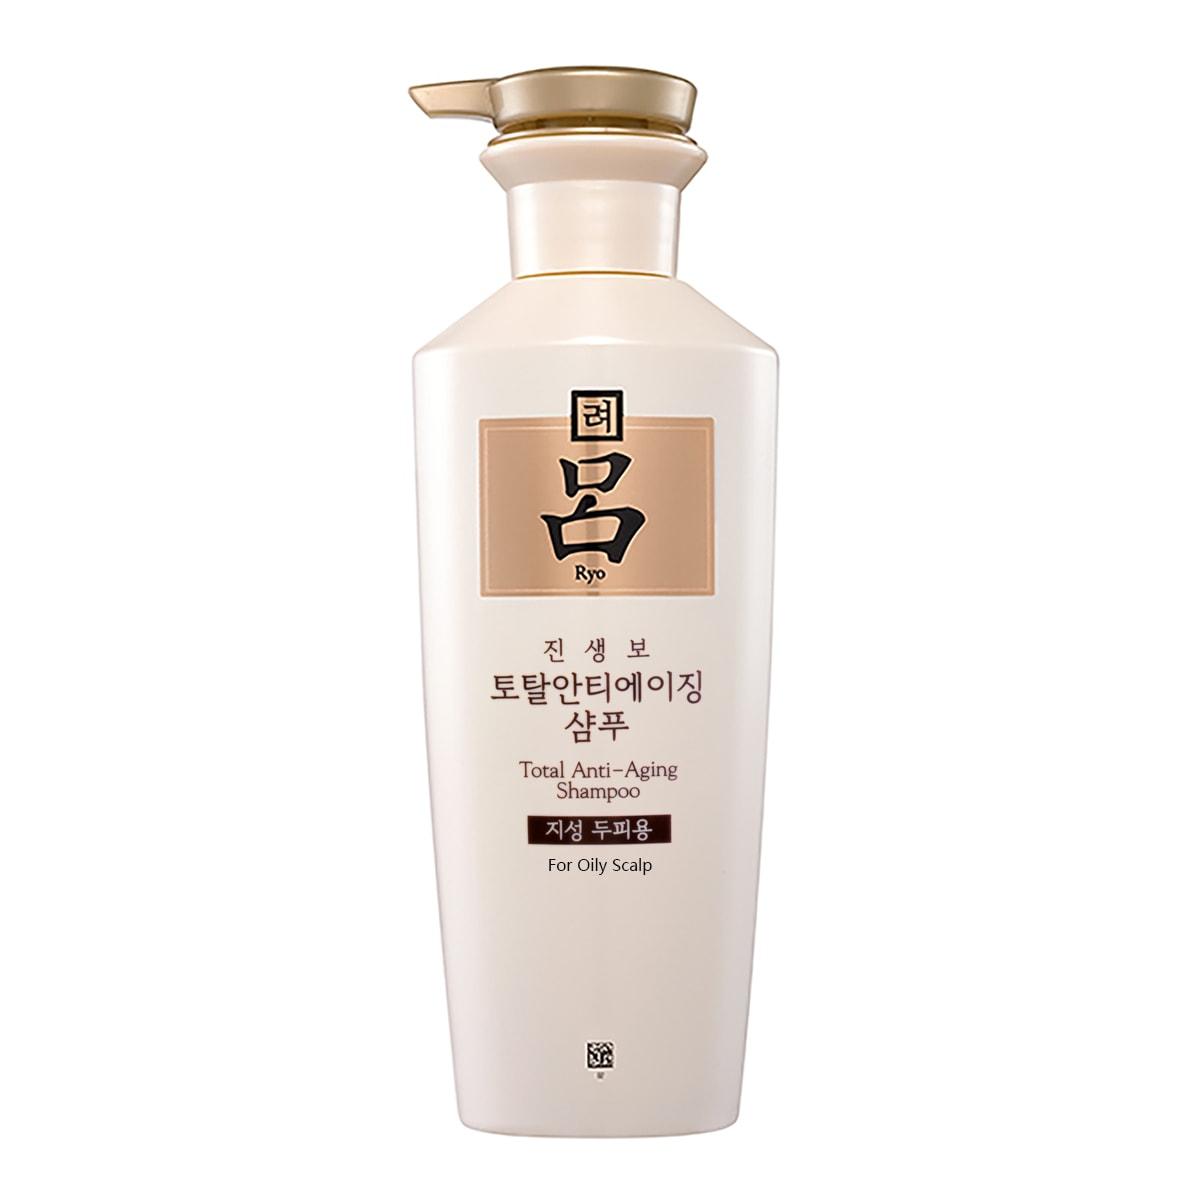 韩国RYO吕 白色参宝抗老化防脱发洗发水 油性发质适用 400g